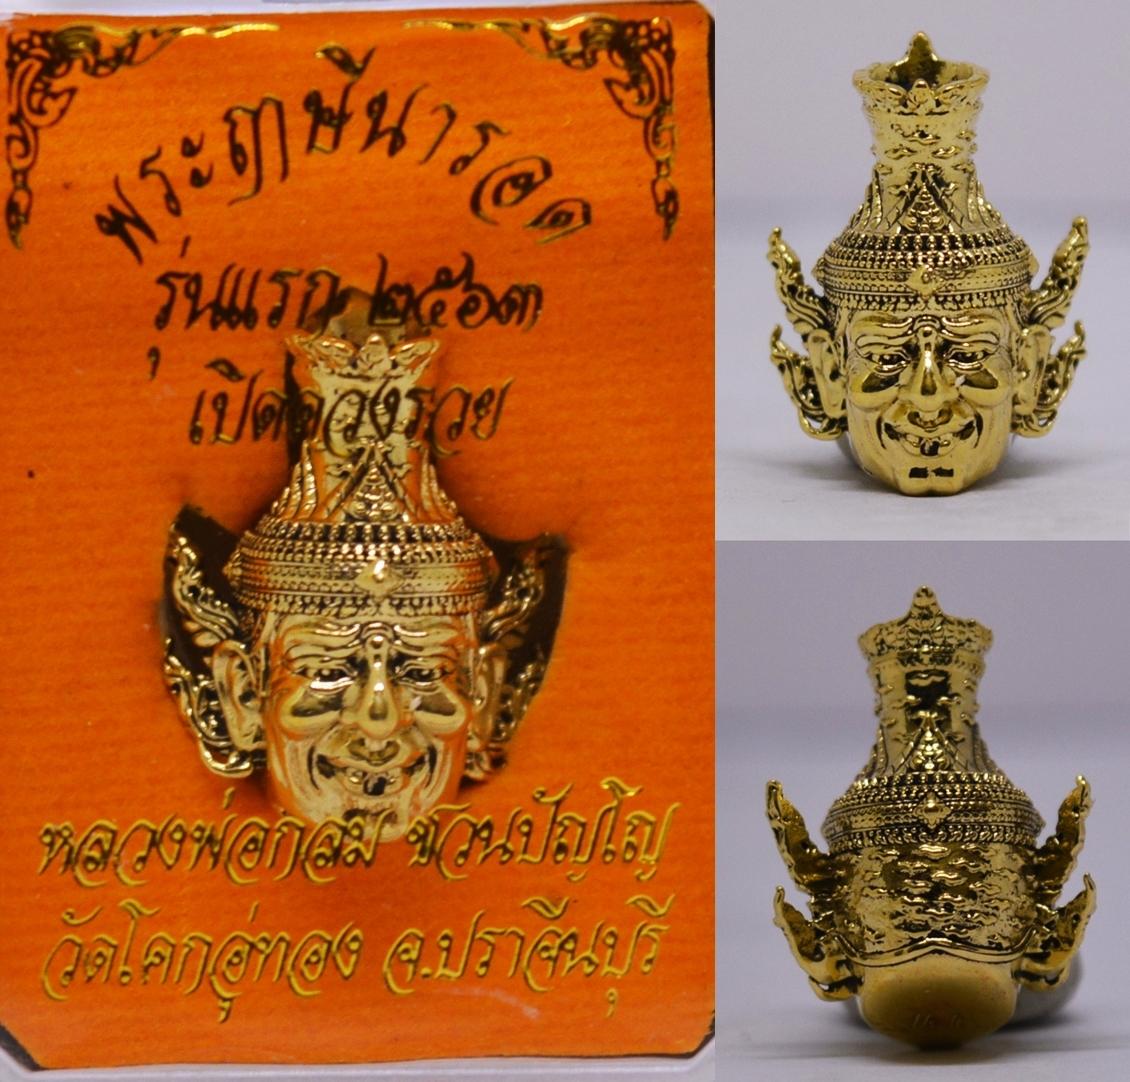 พระฤาษีนารอท เนื้อทองระฆัง รุ่นเปิดดวงรวย หลวงพ่อกลม วัดโคกอู่ทอง 2563 ขนาด 2.2*1.8 ซม